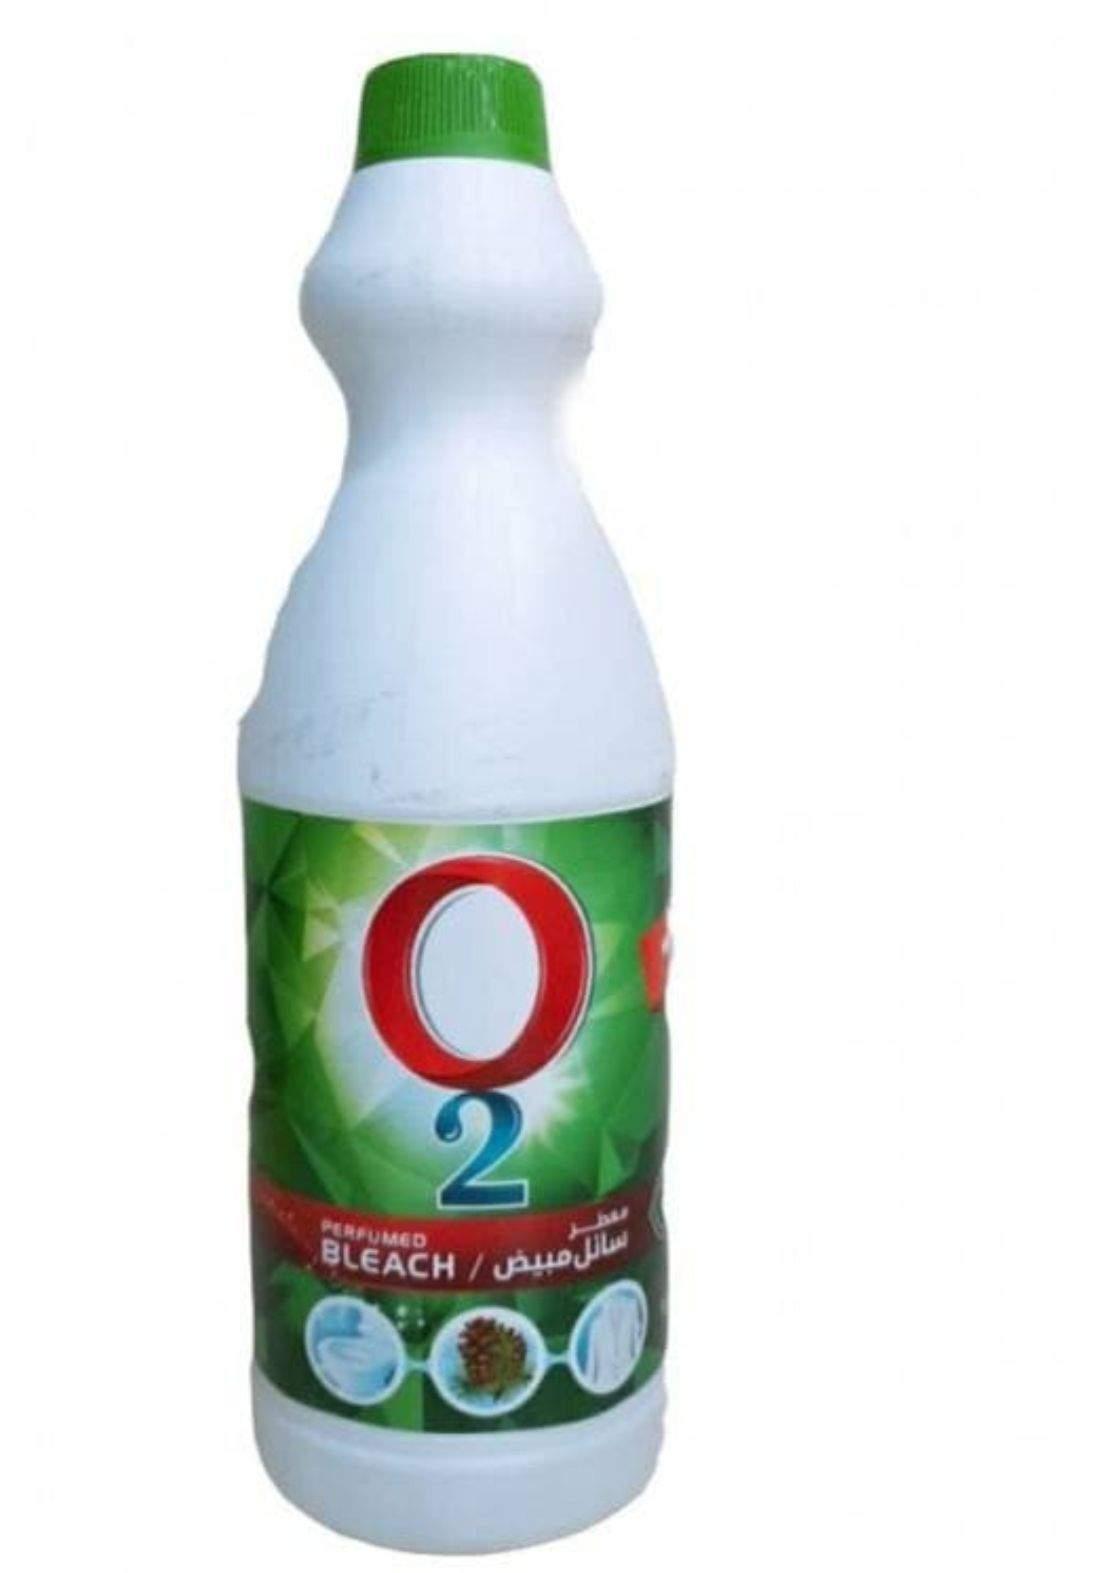 O2 Blech 1L اوتو سائل مبيض